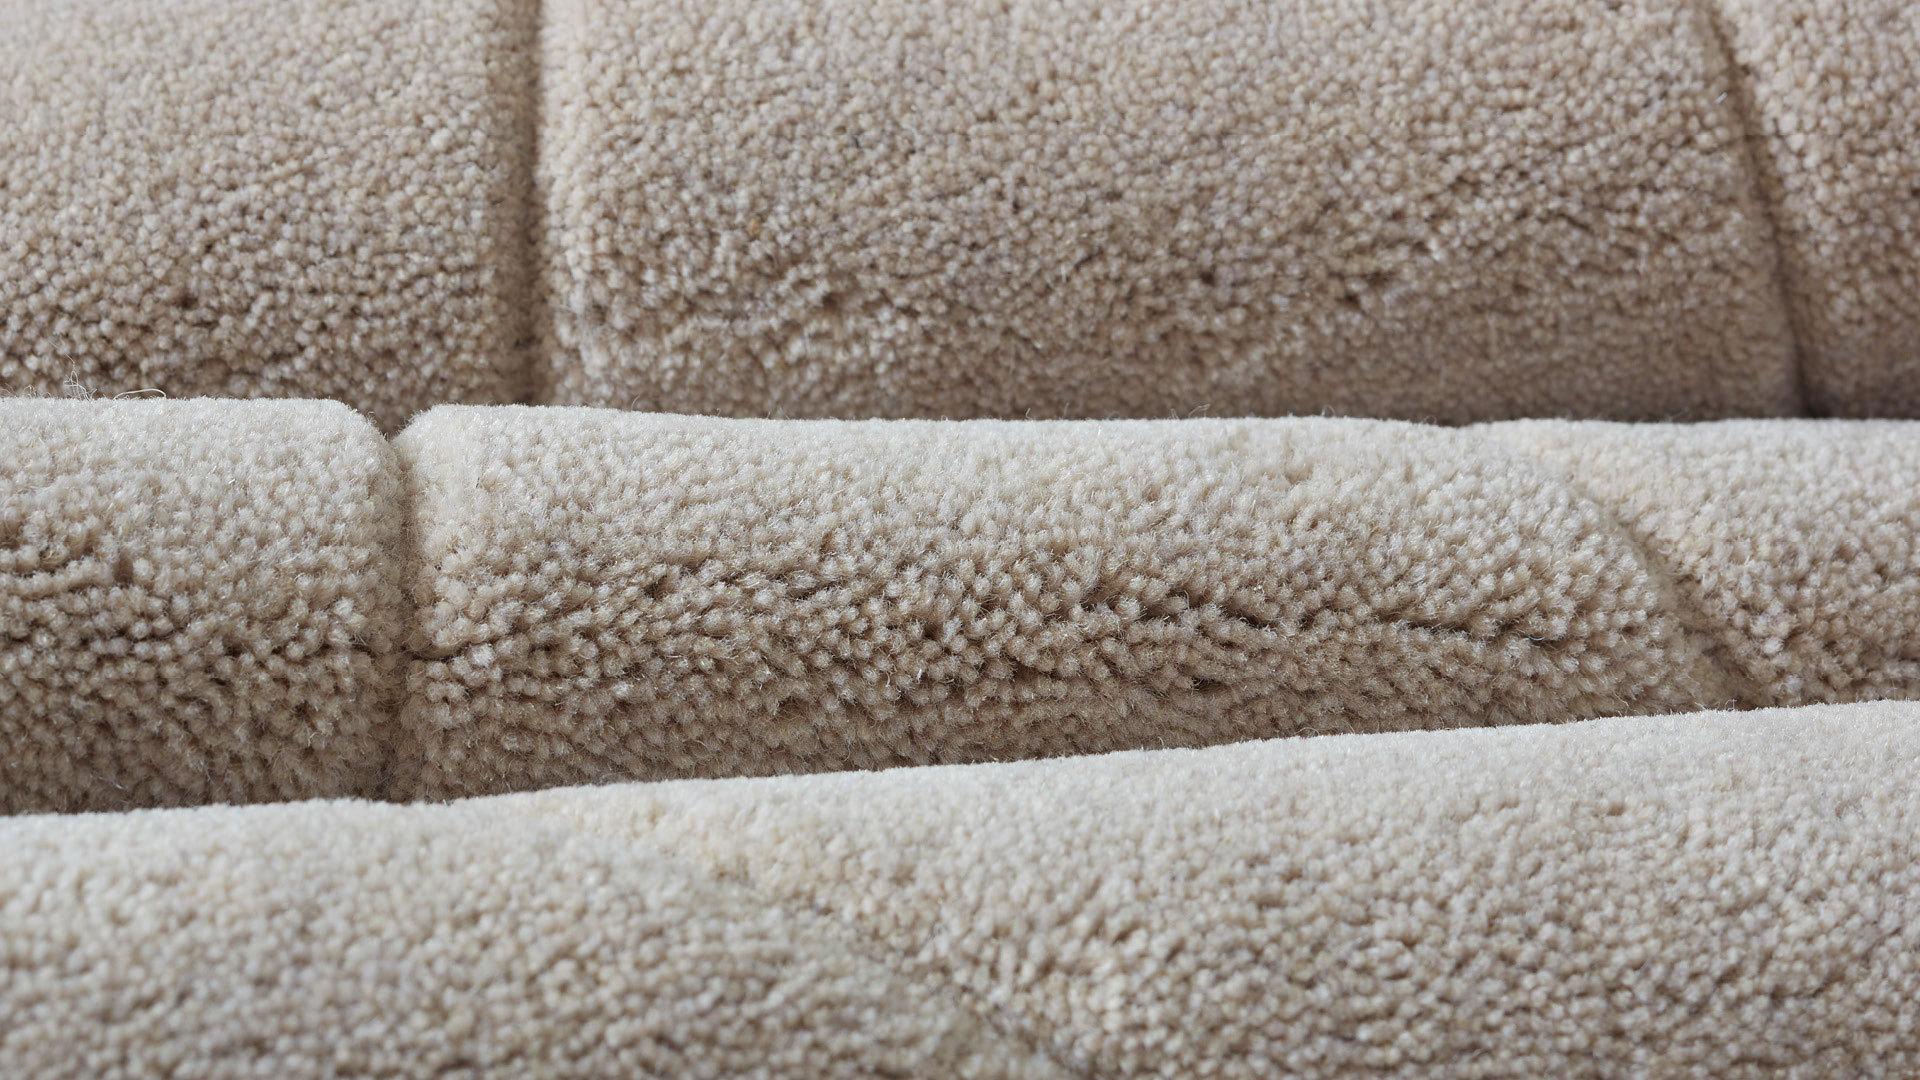 80%新西兰羊毛混纺,比纯羊毛更持久耐用